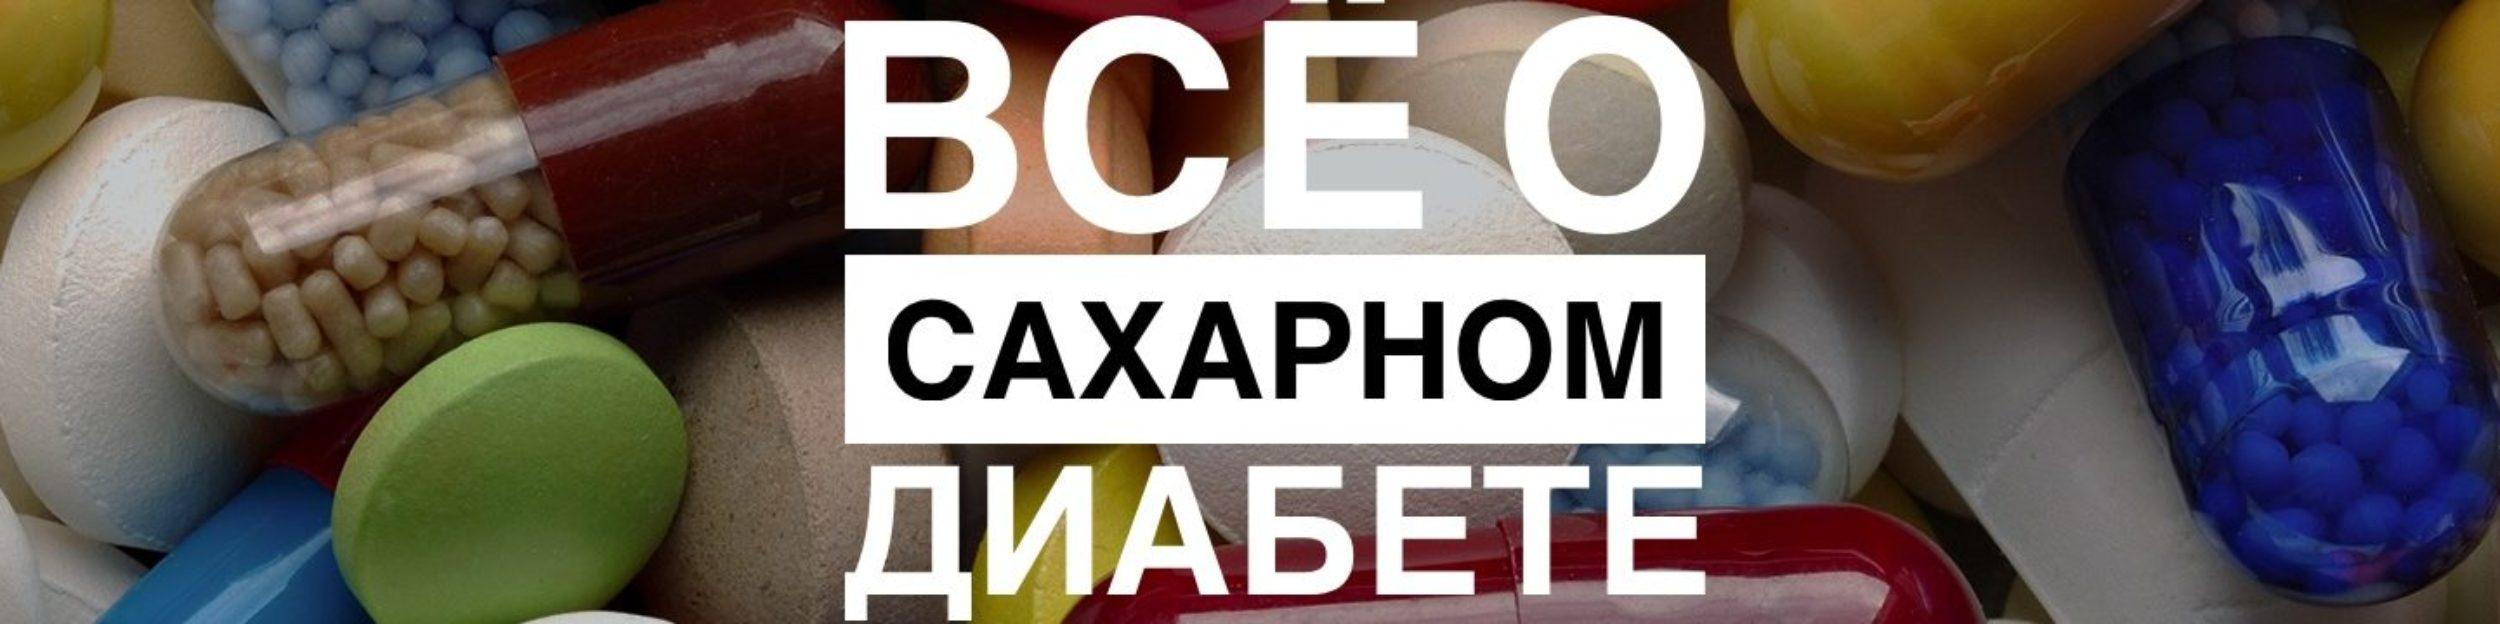 diabetsite.ru